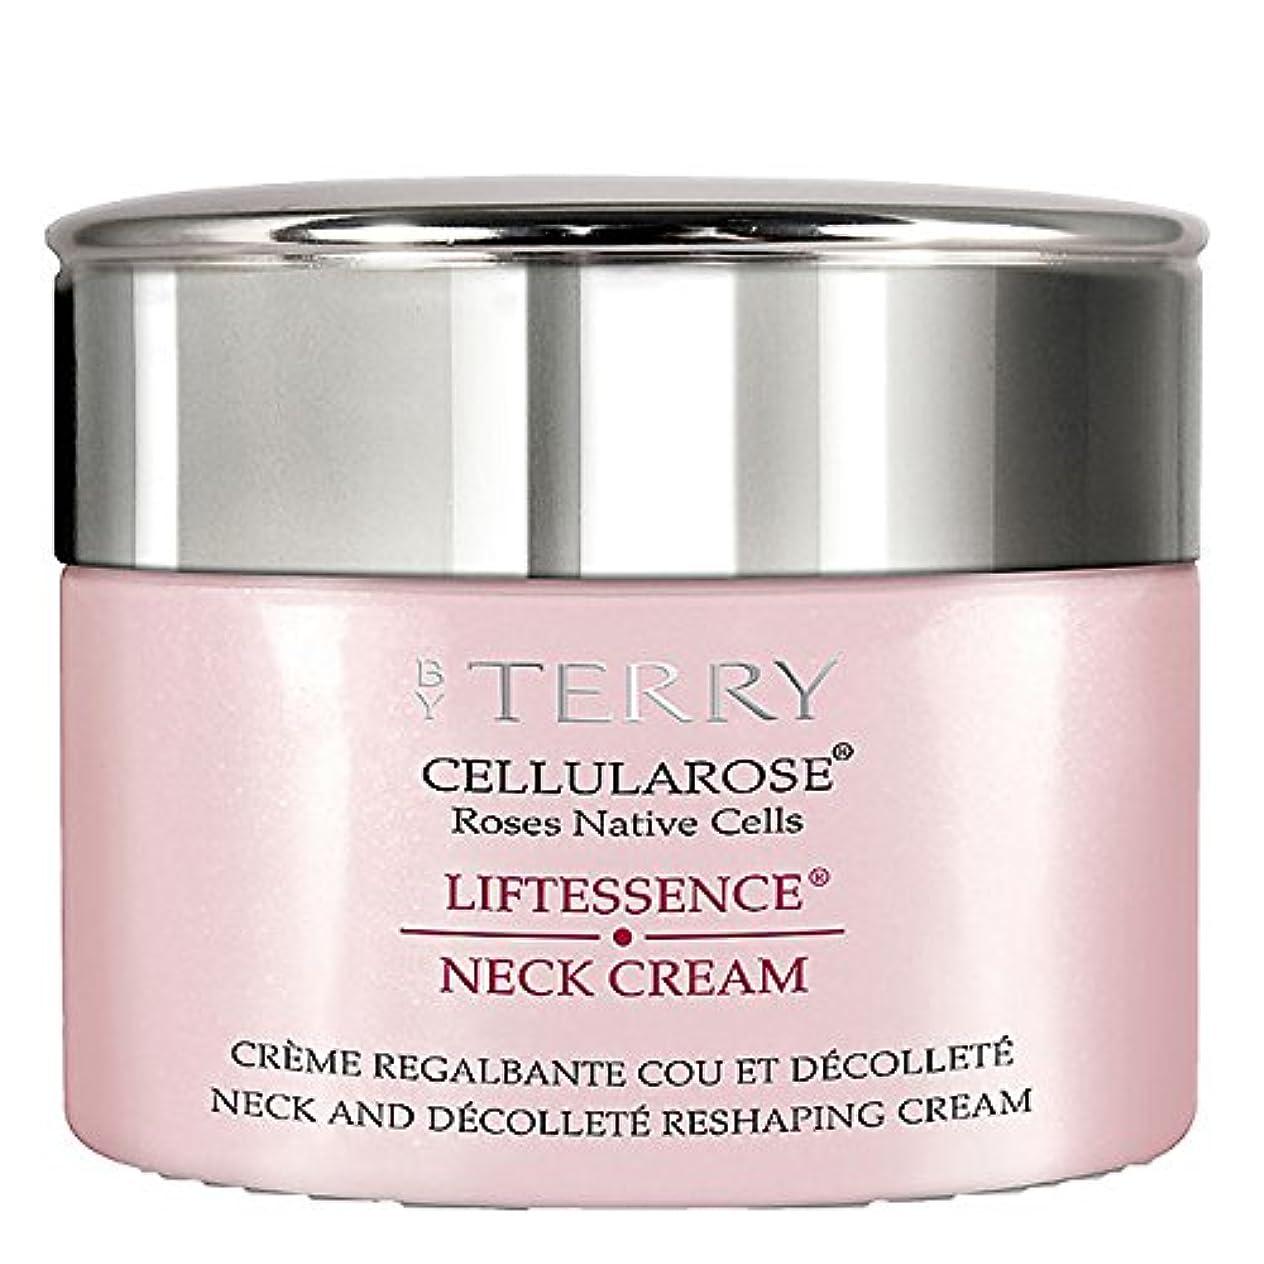 妥協シリンダー浜辺バイテリー Cellularose Liftessence Neck & Decollete Reshaping Cream 50g/1.7oz並行輸入品